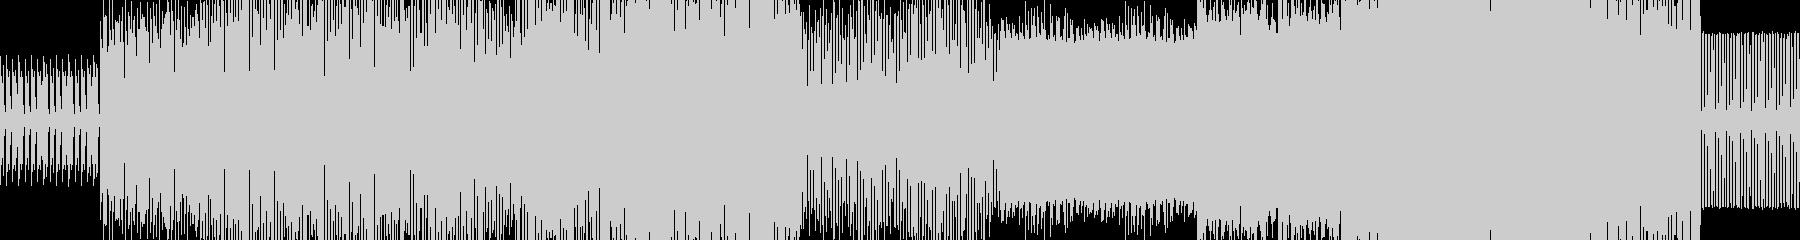 暗い雰囲気のEDM(サンプリングボイス無の未再生の波形